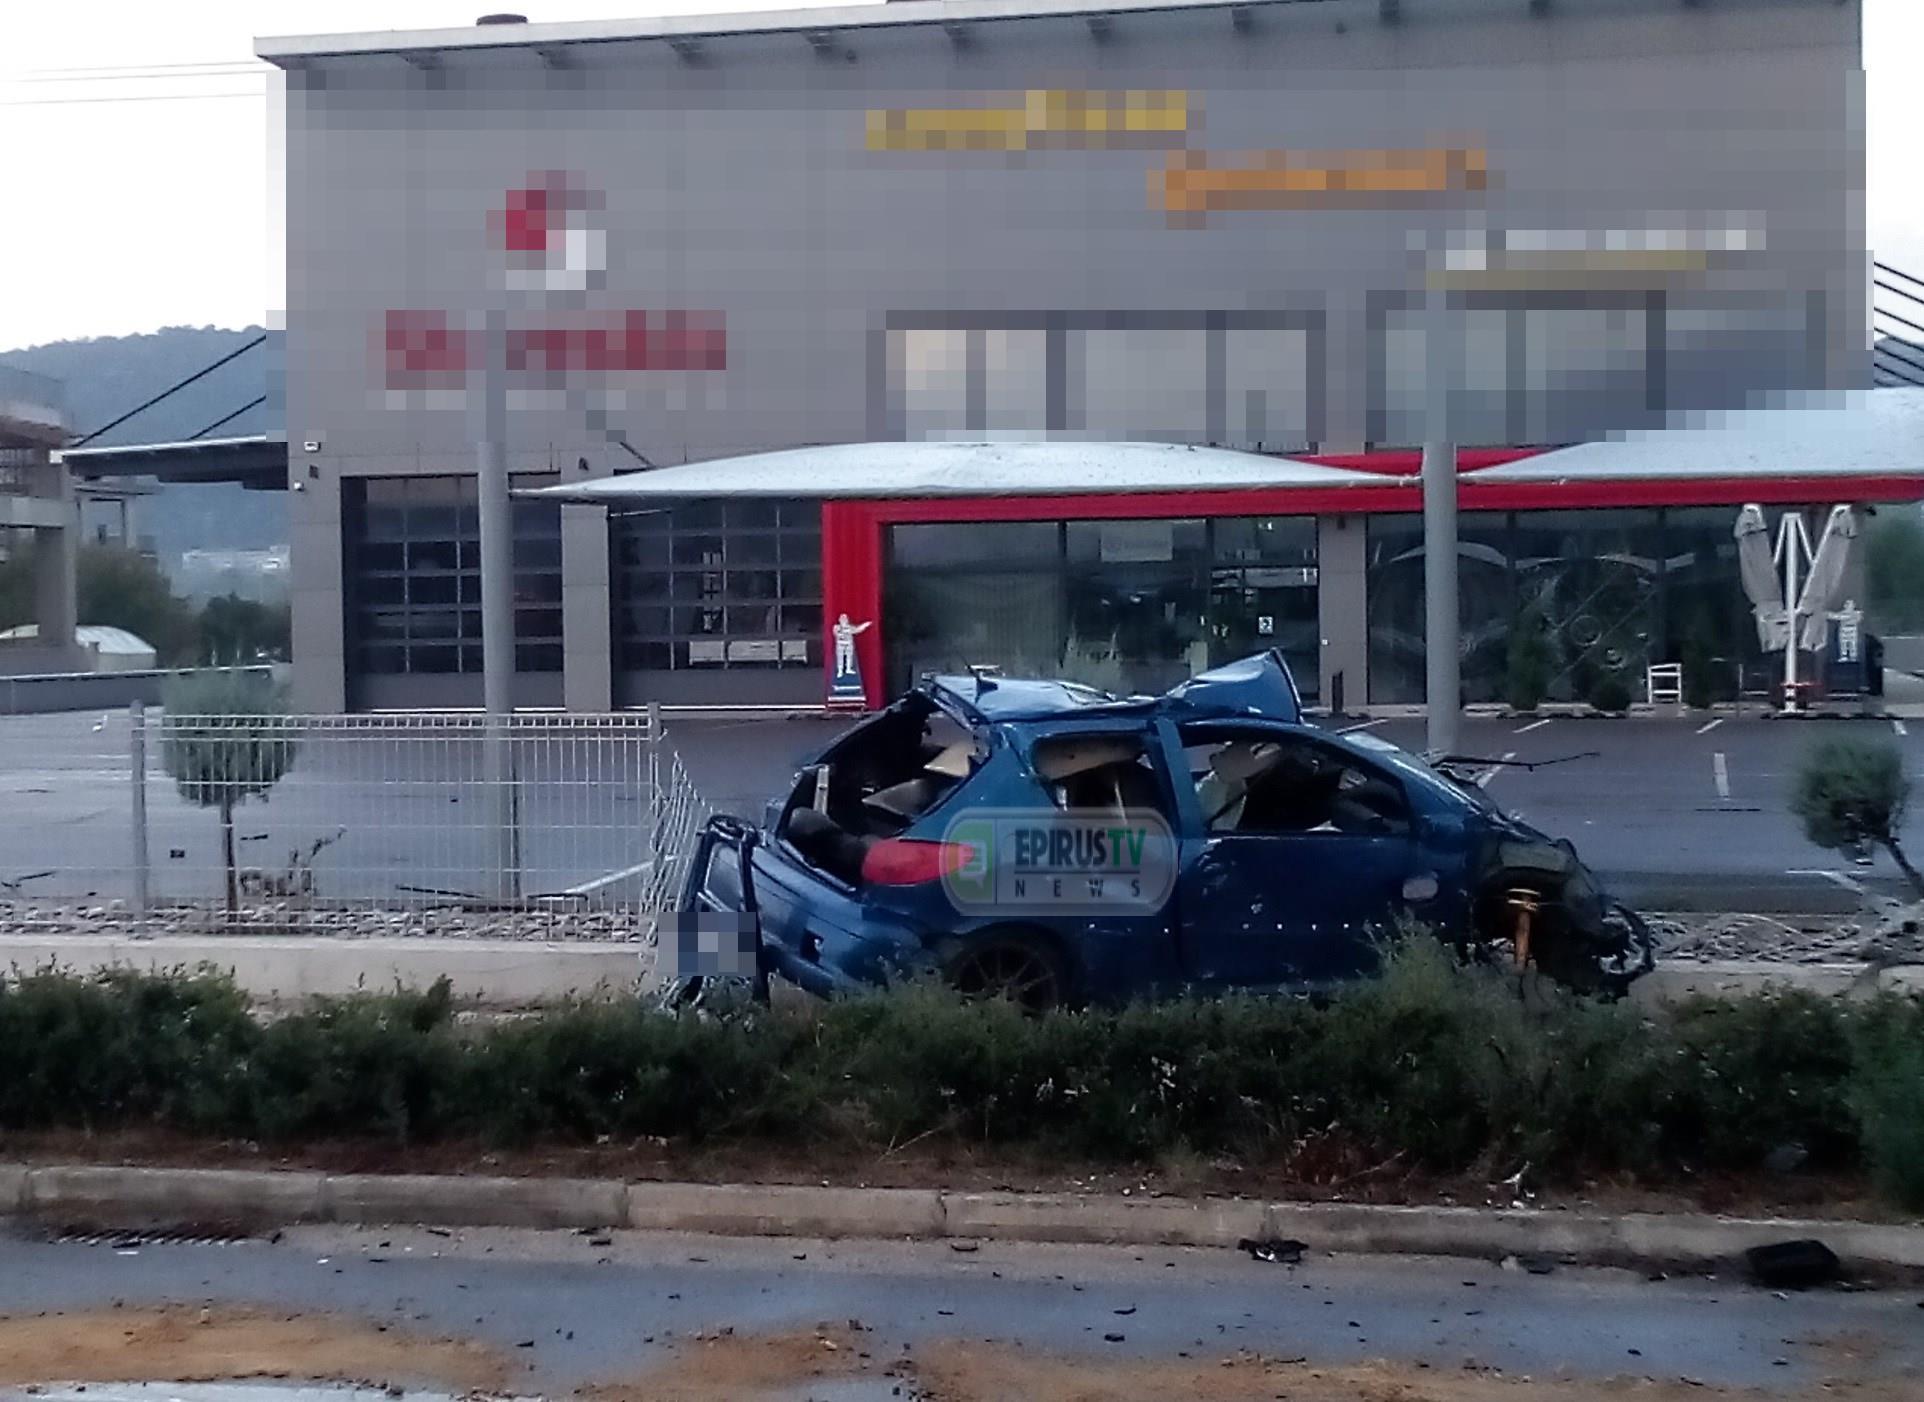 Γιάννενα: Σκοτώθηκε νεαρός οδηγός σε τροχαίο – Διαλύθηκε το αυτοκίνητο που οδηγούσε νωρίς το πρωί